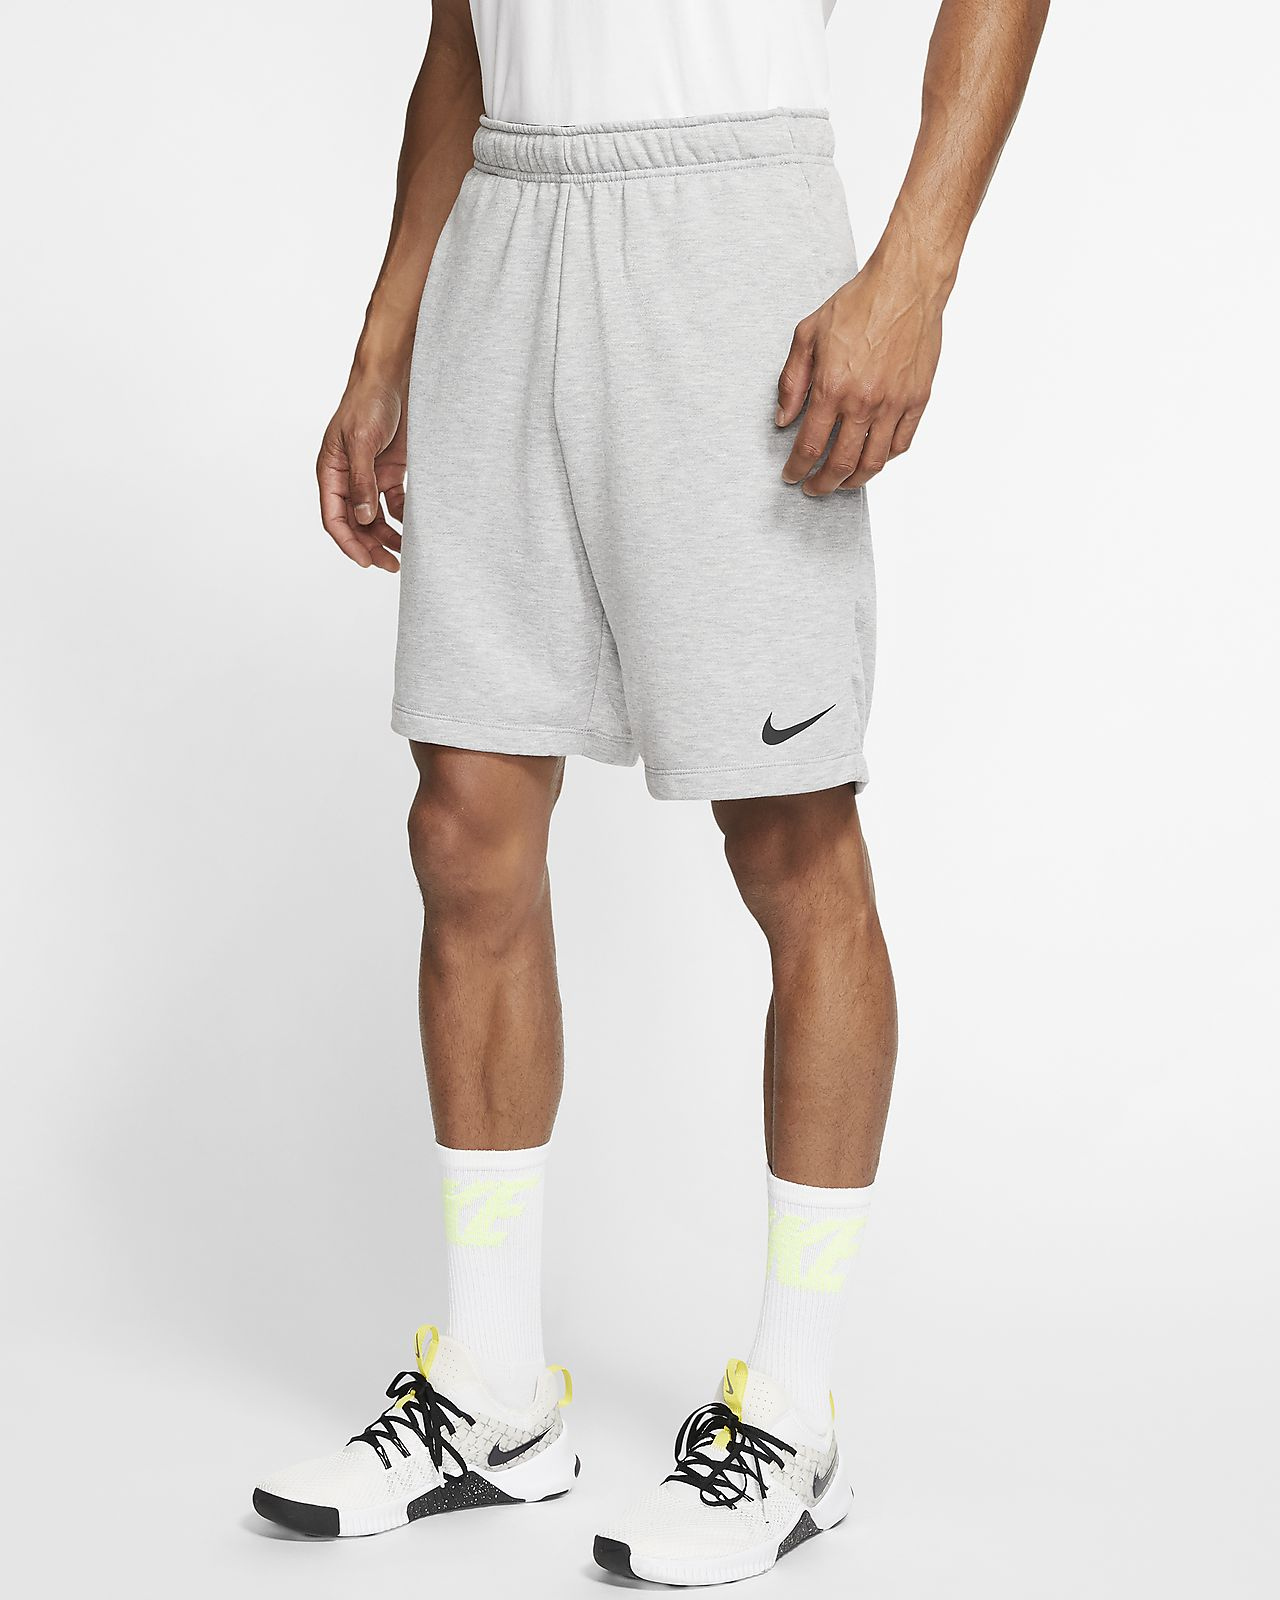 Short de training en tissu Fleece Nike Dri-FIT pour Homme